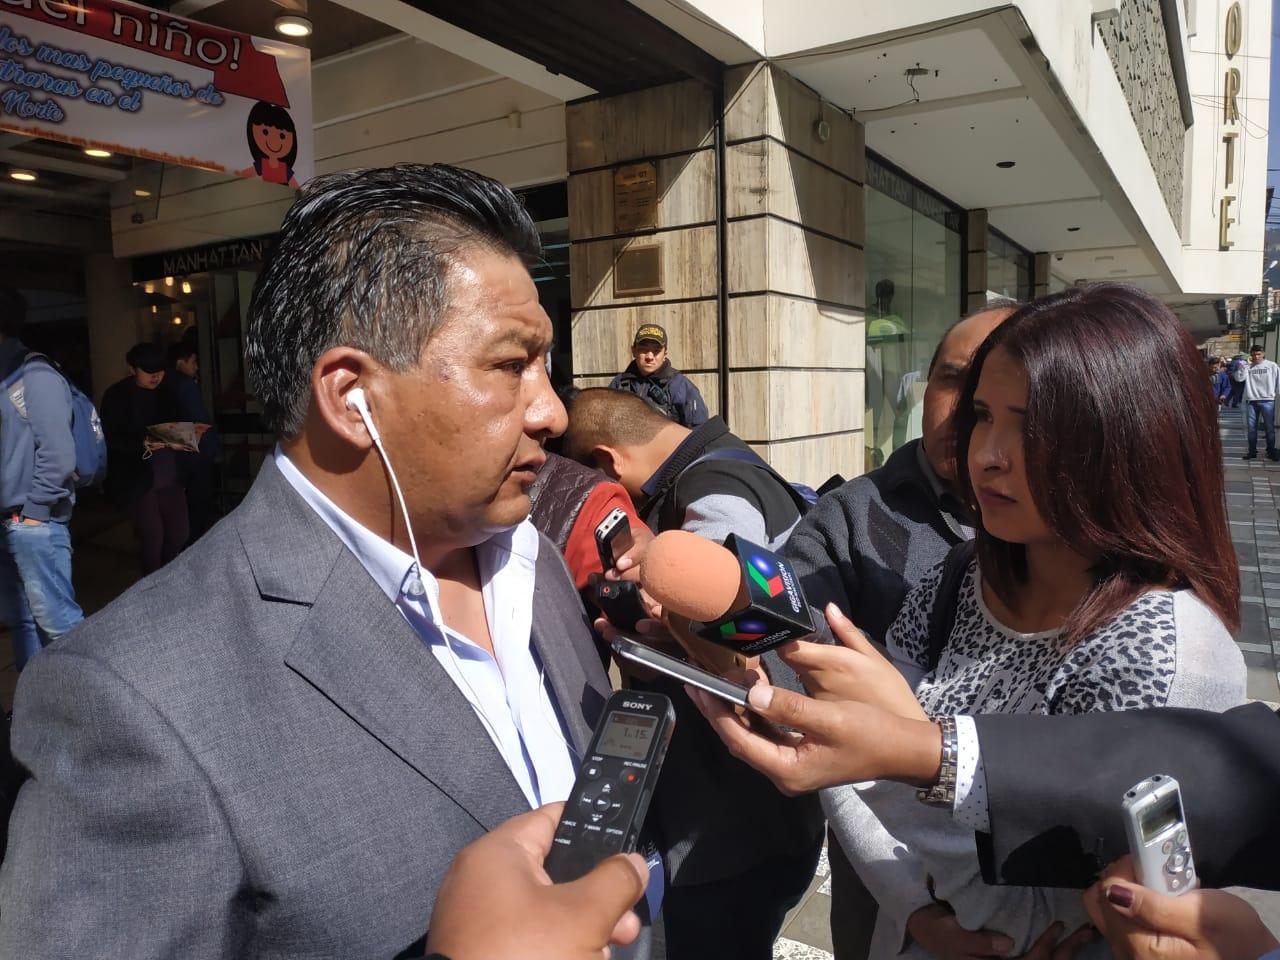 Pastor asegura que en Bolivia hay 4,5 millones de evangélicos / ÁNGEL SALAZAR